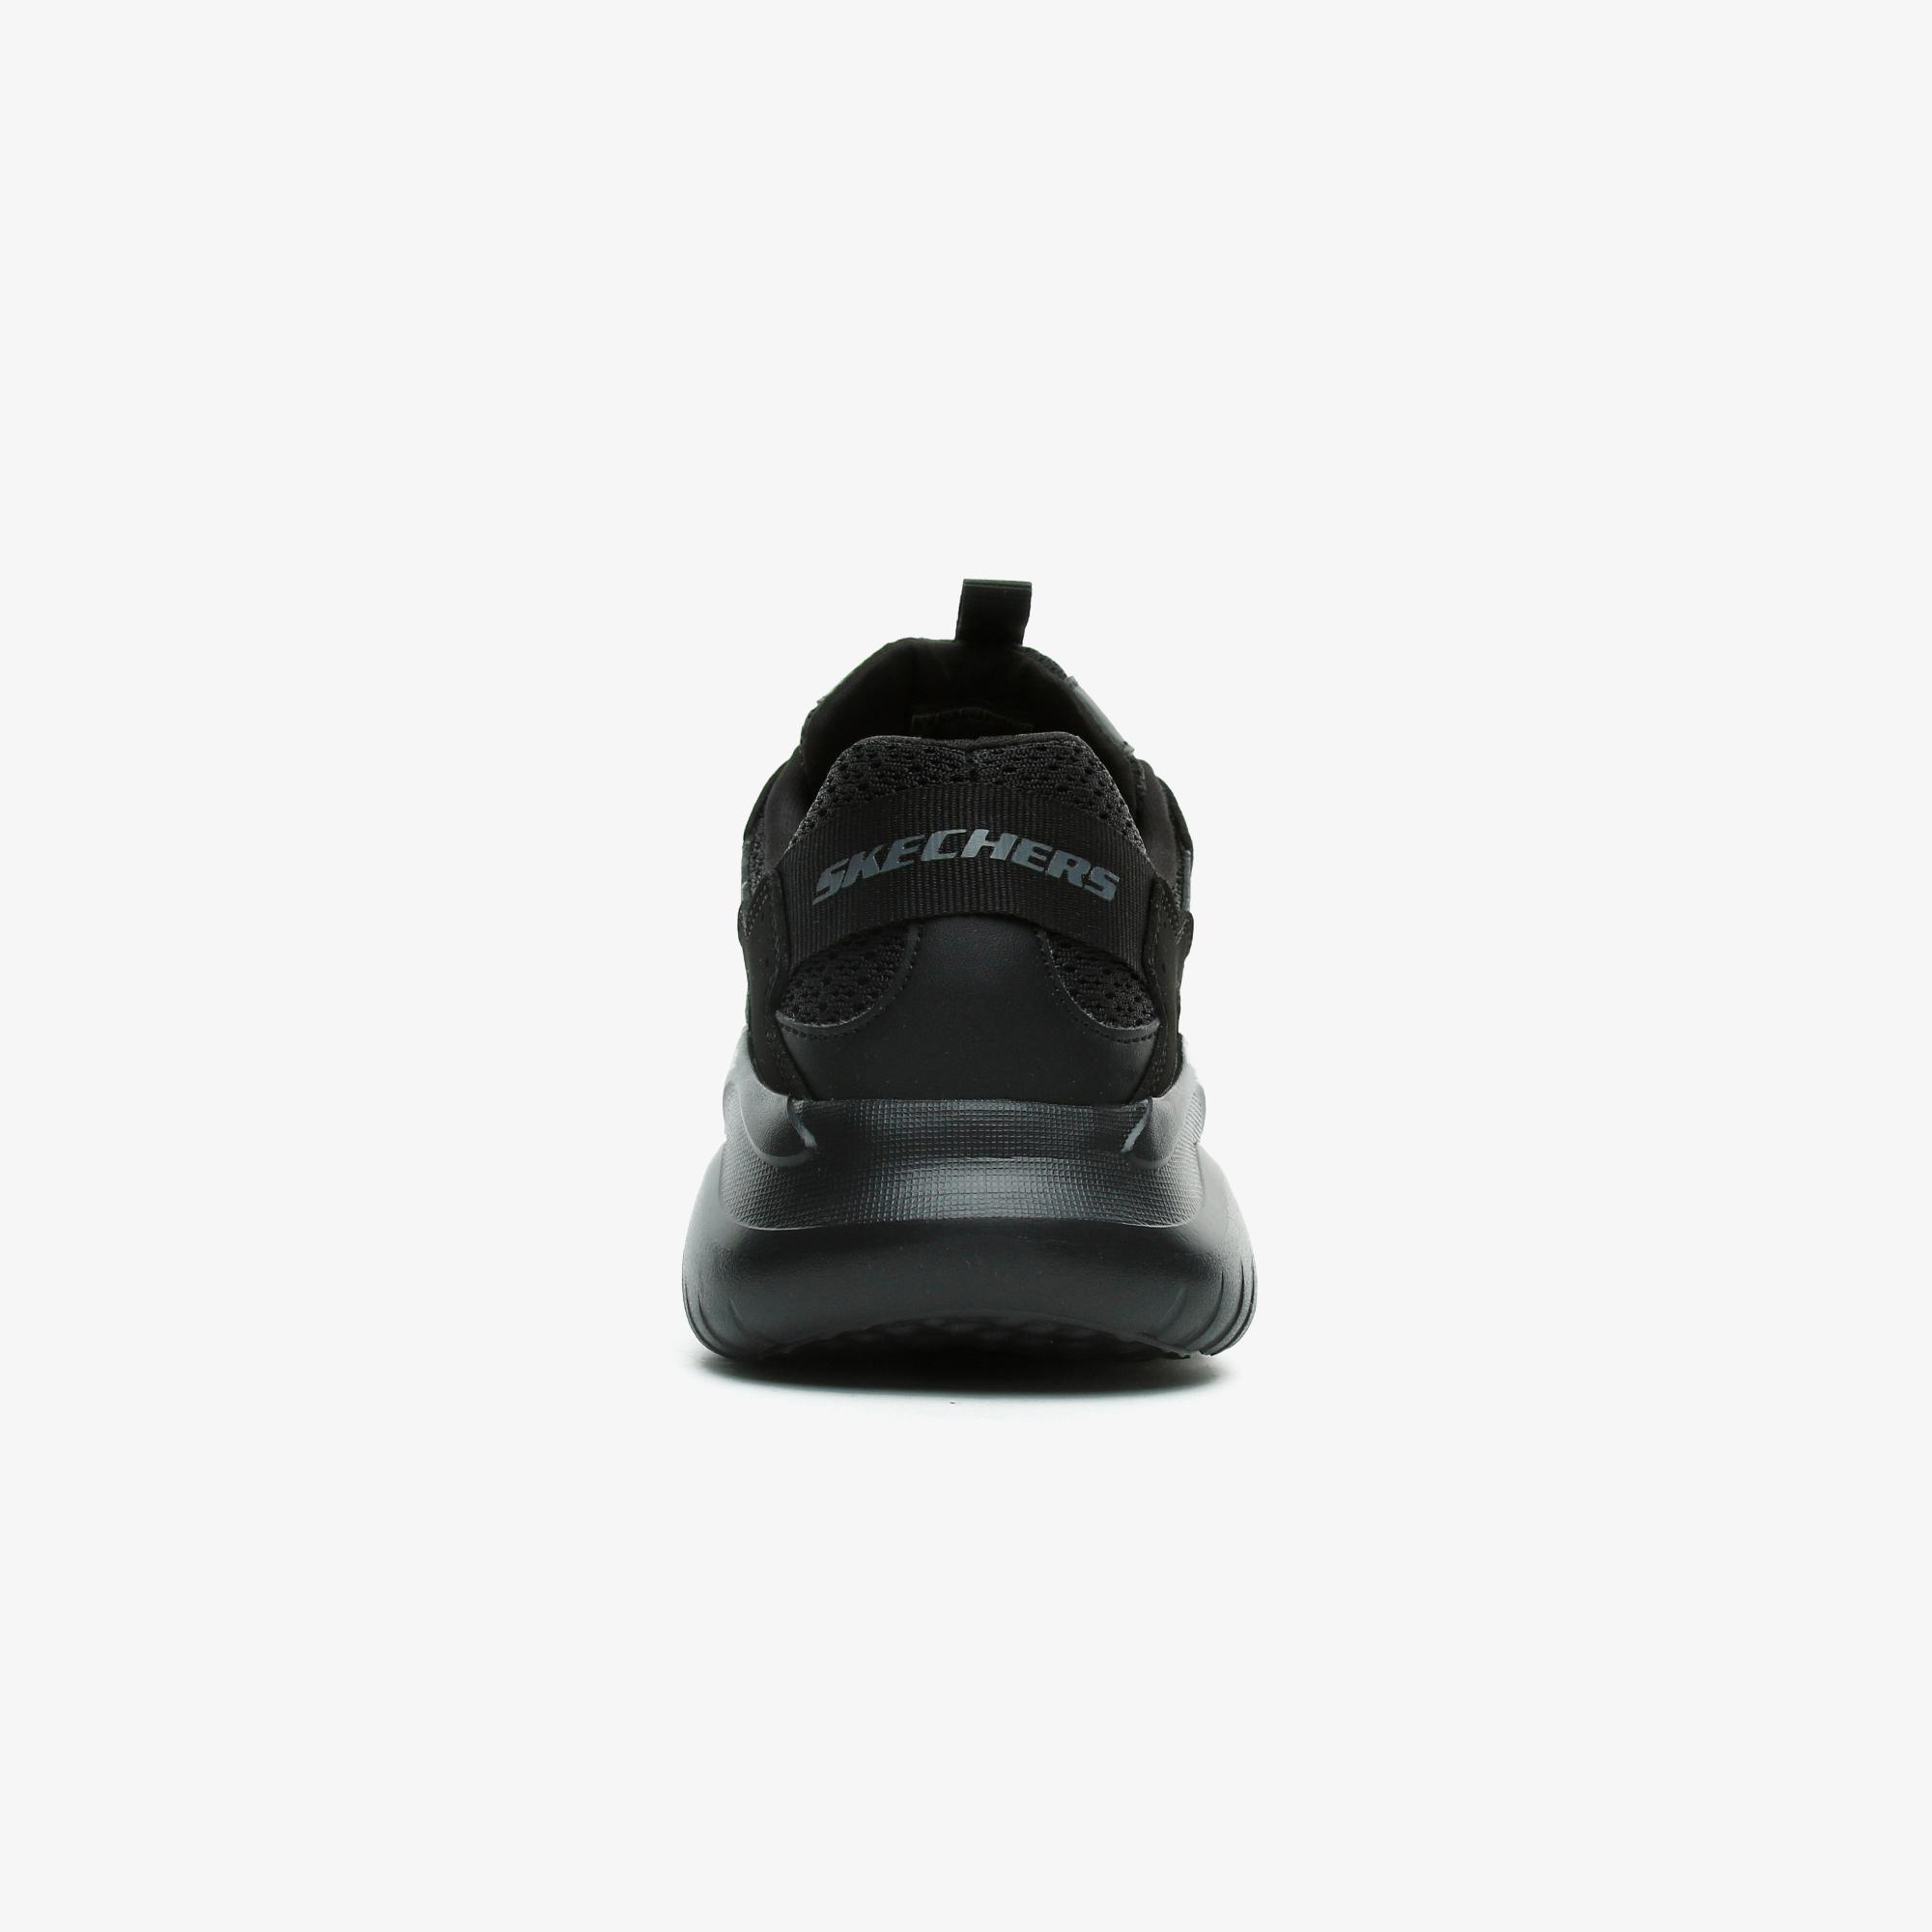 Skechers Skechers Falcore Erkek Siyah Spor Ayakkabı